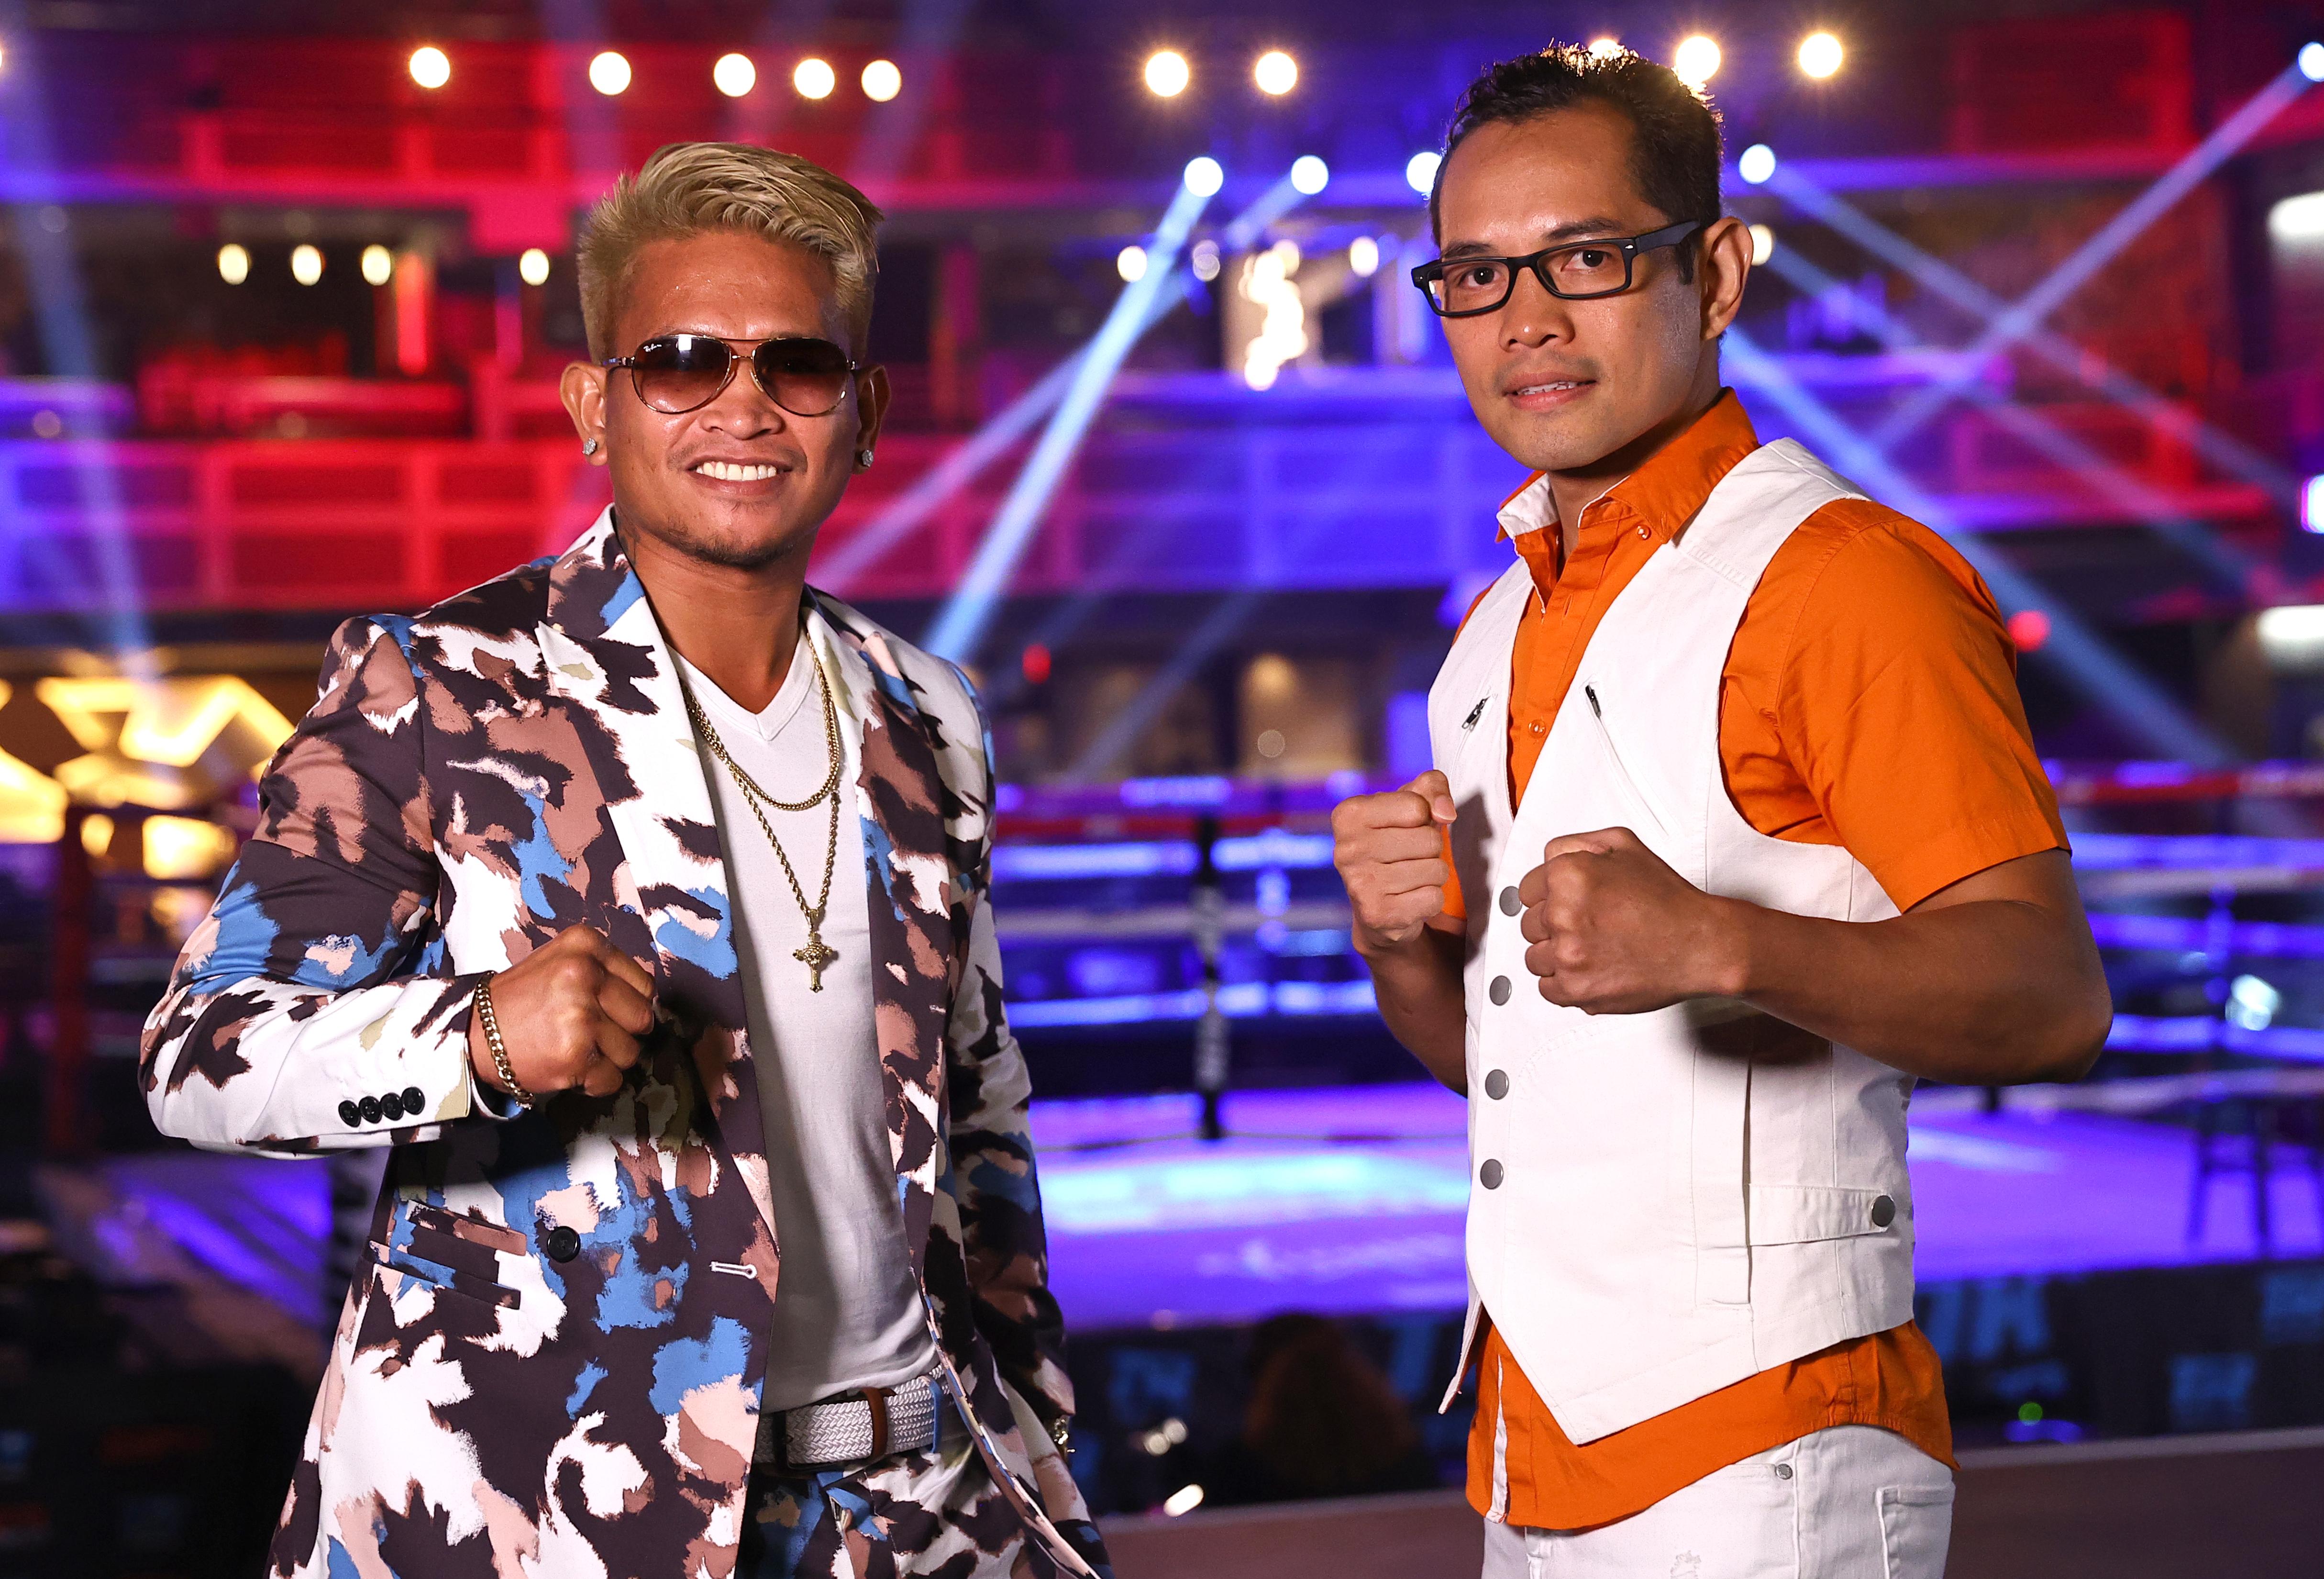 John Riel Casimero and Nonito Donaire will fight next.